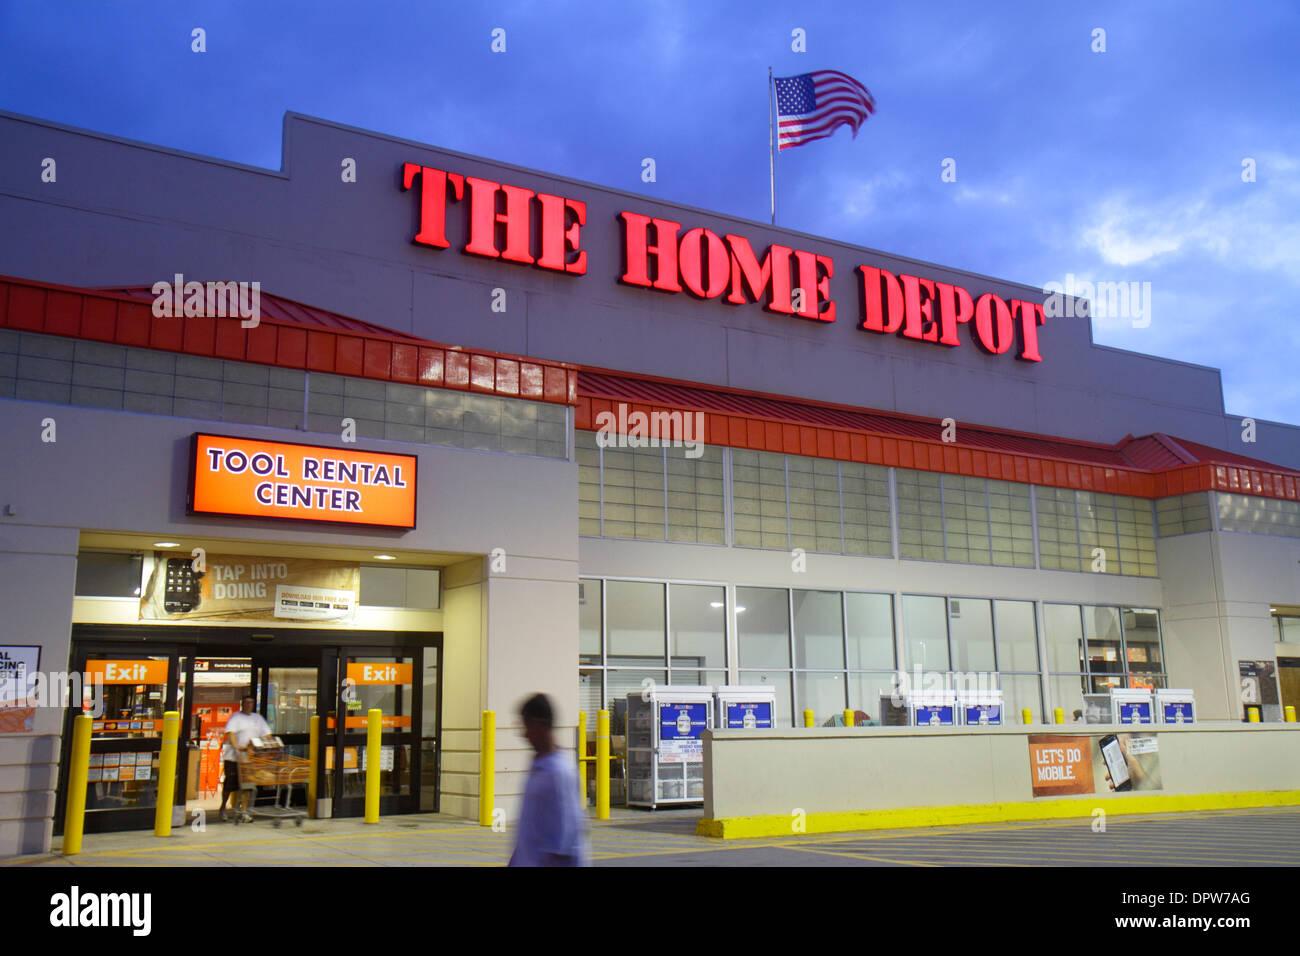 Home Depot Stock Photos Home Depot Stock Images Alamy